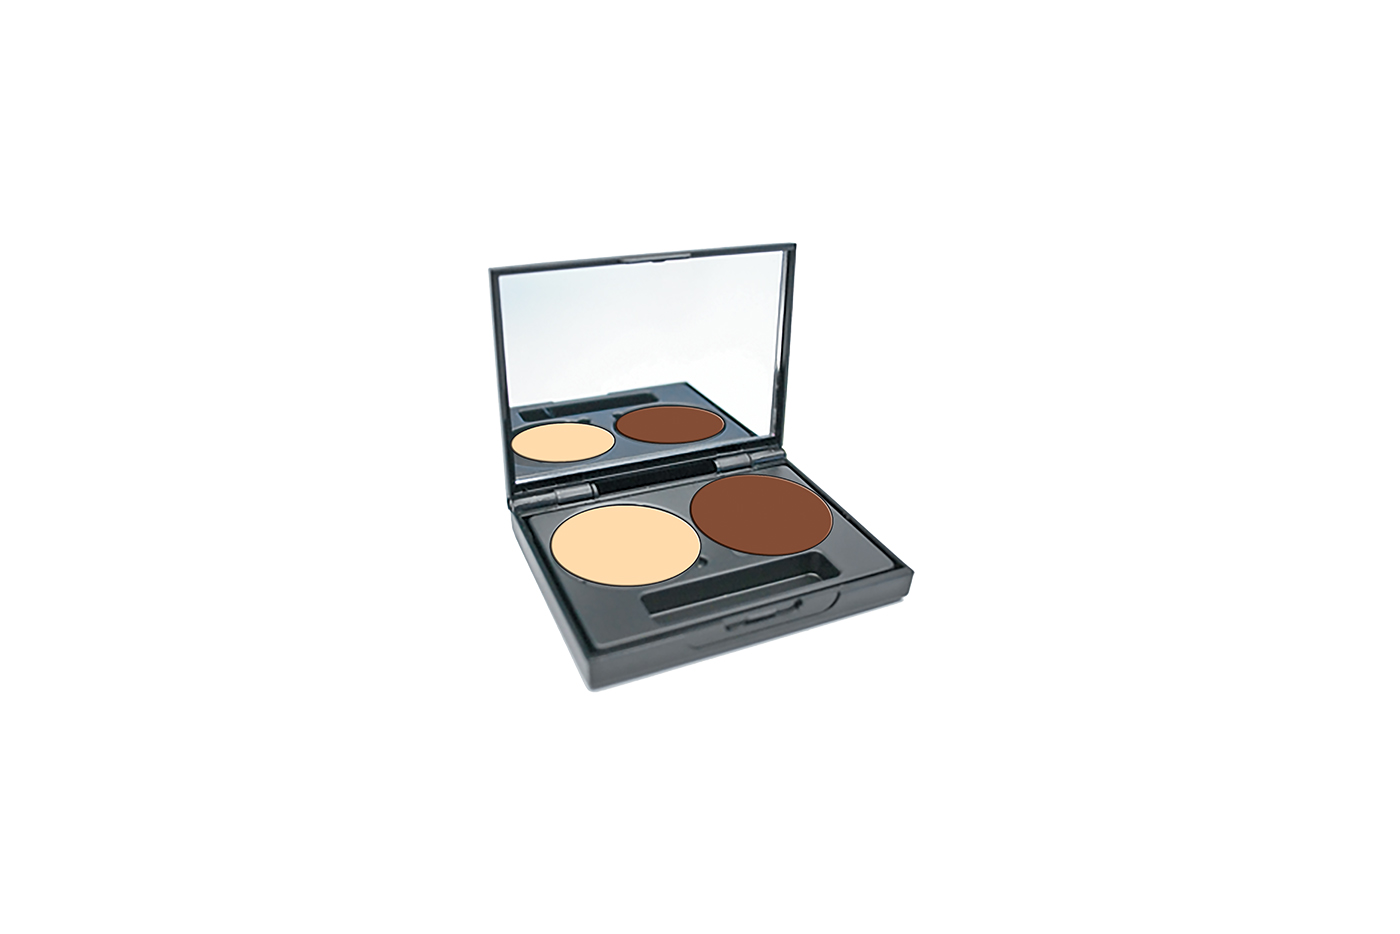 Make-up Studio's Shading and Highlighting Cream